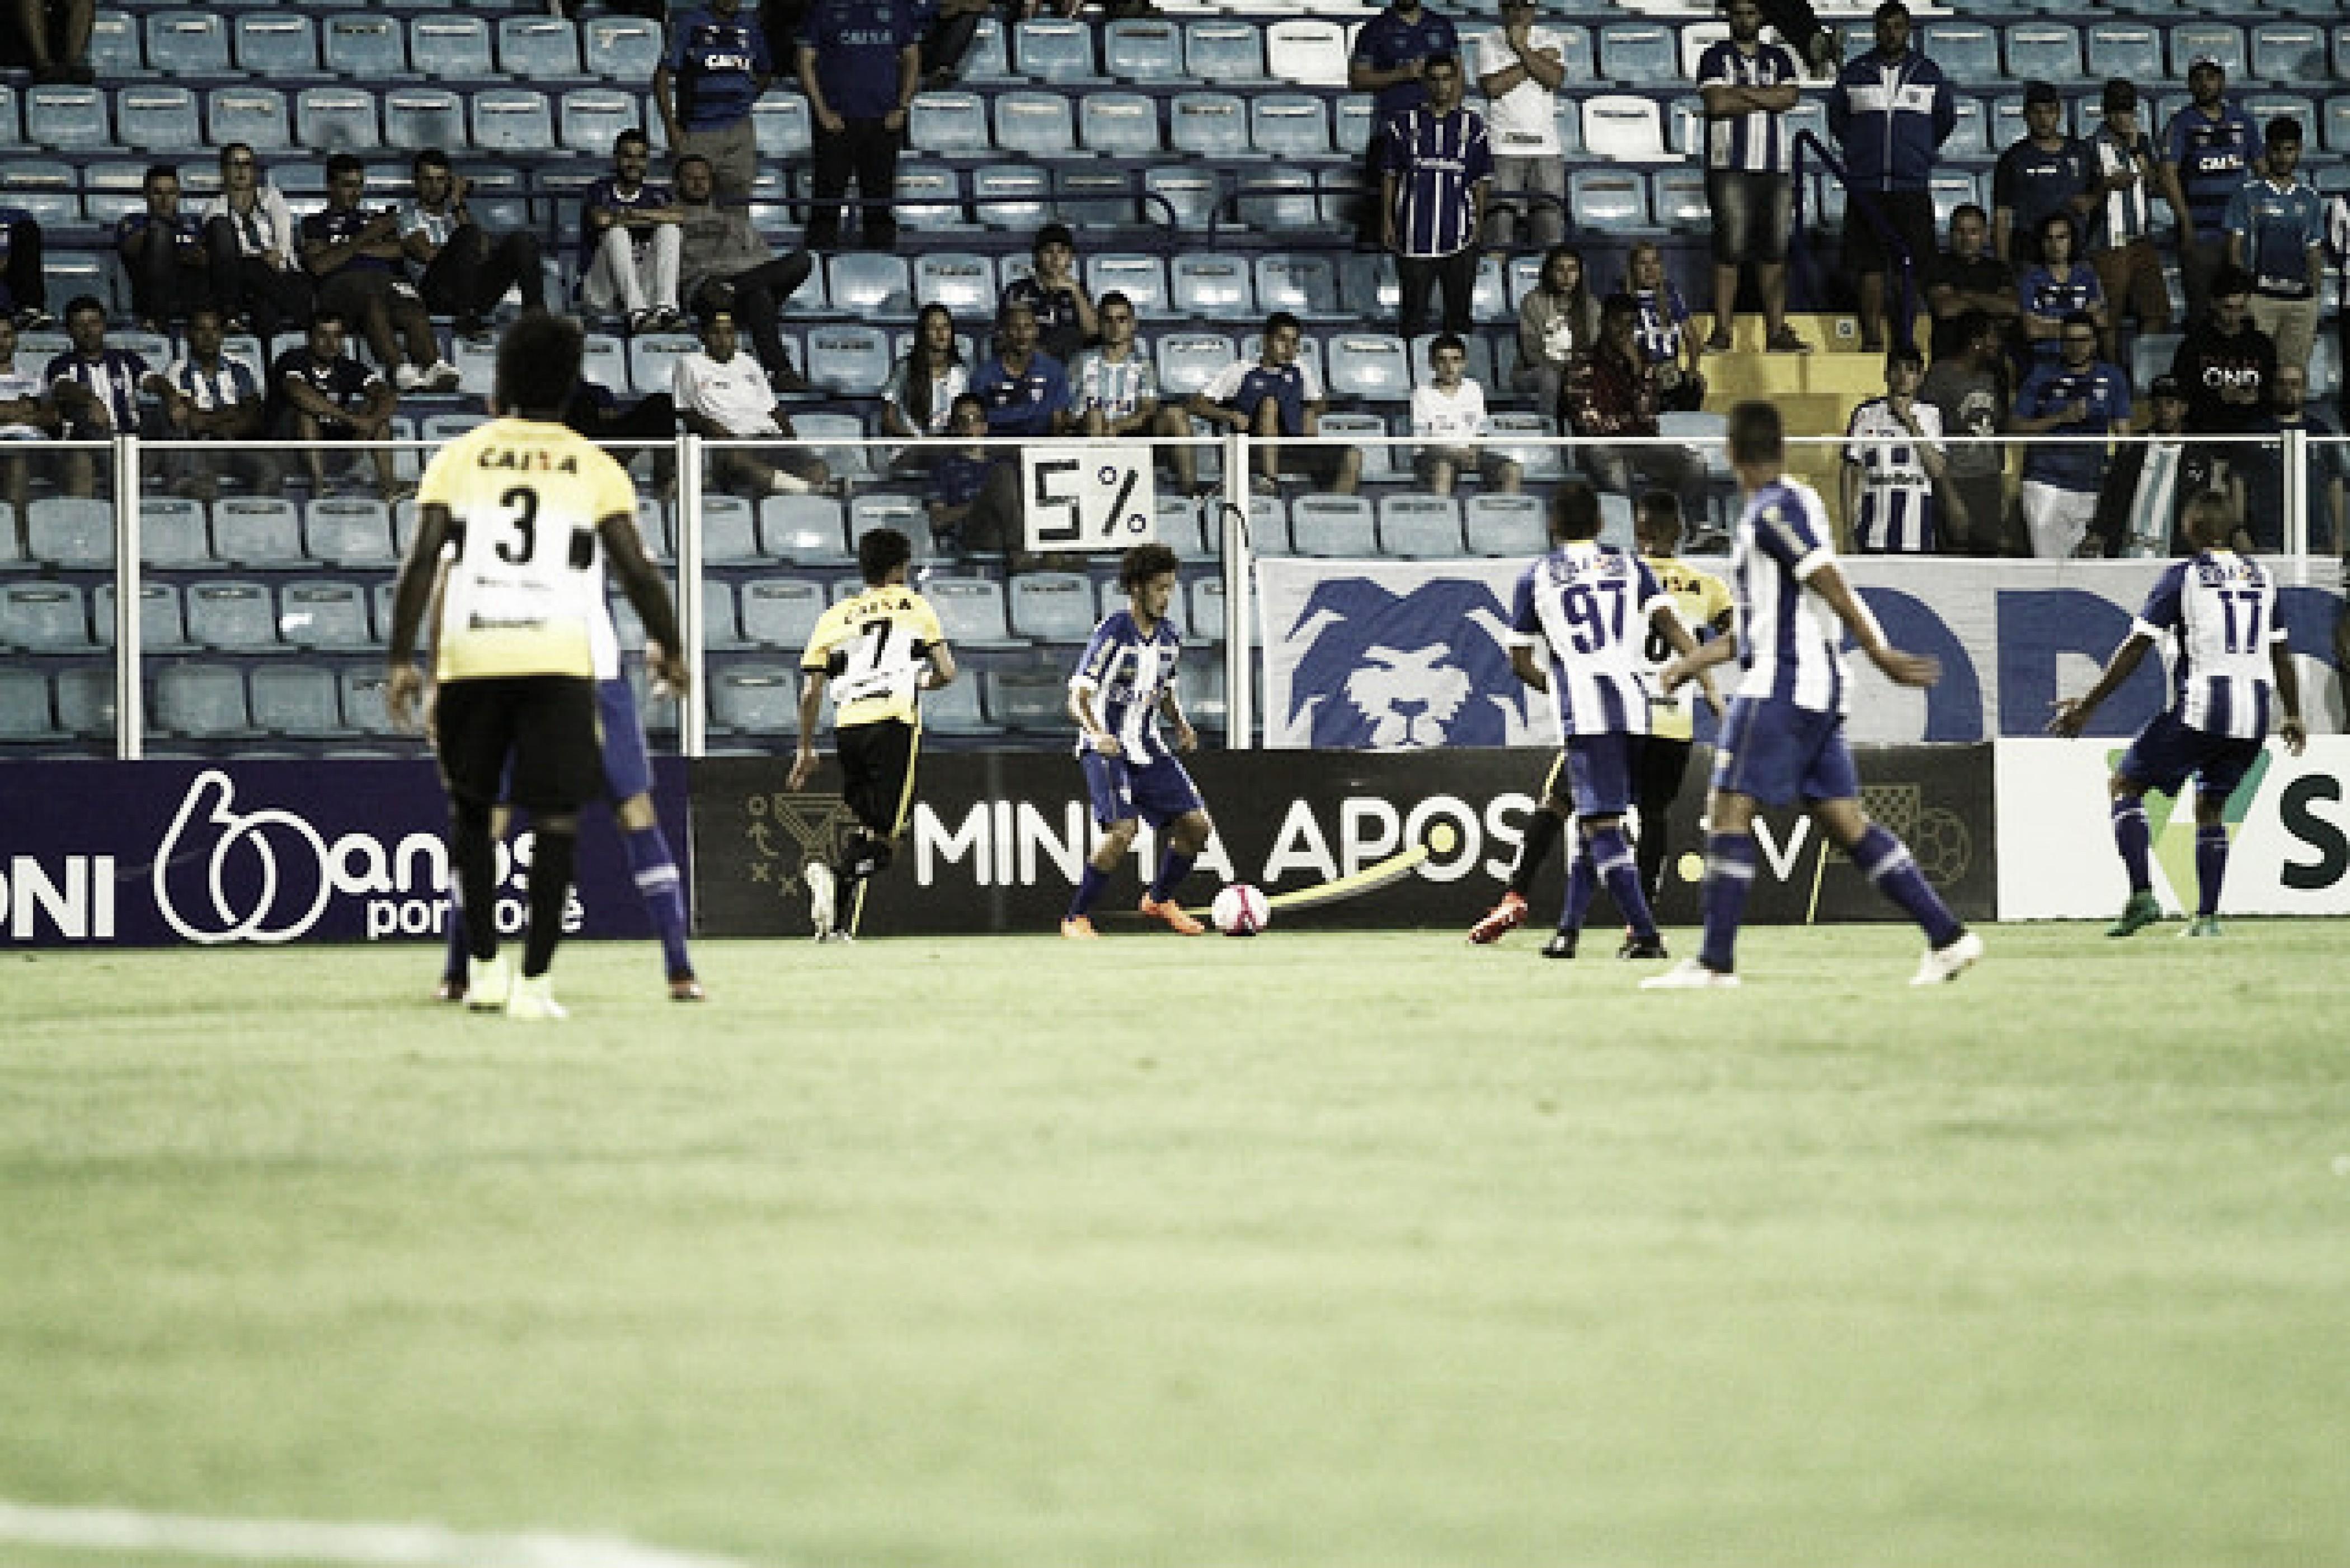 Forte em casa, embalado Criciúma recebe rival Avaí pela Série B